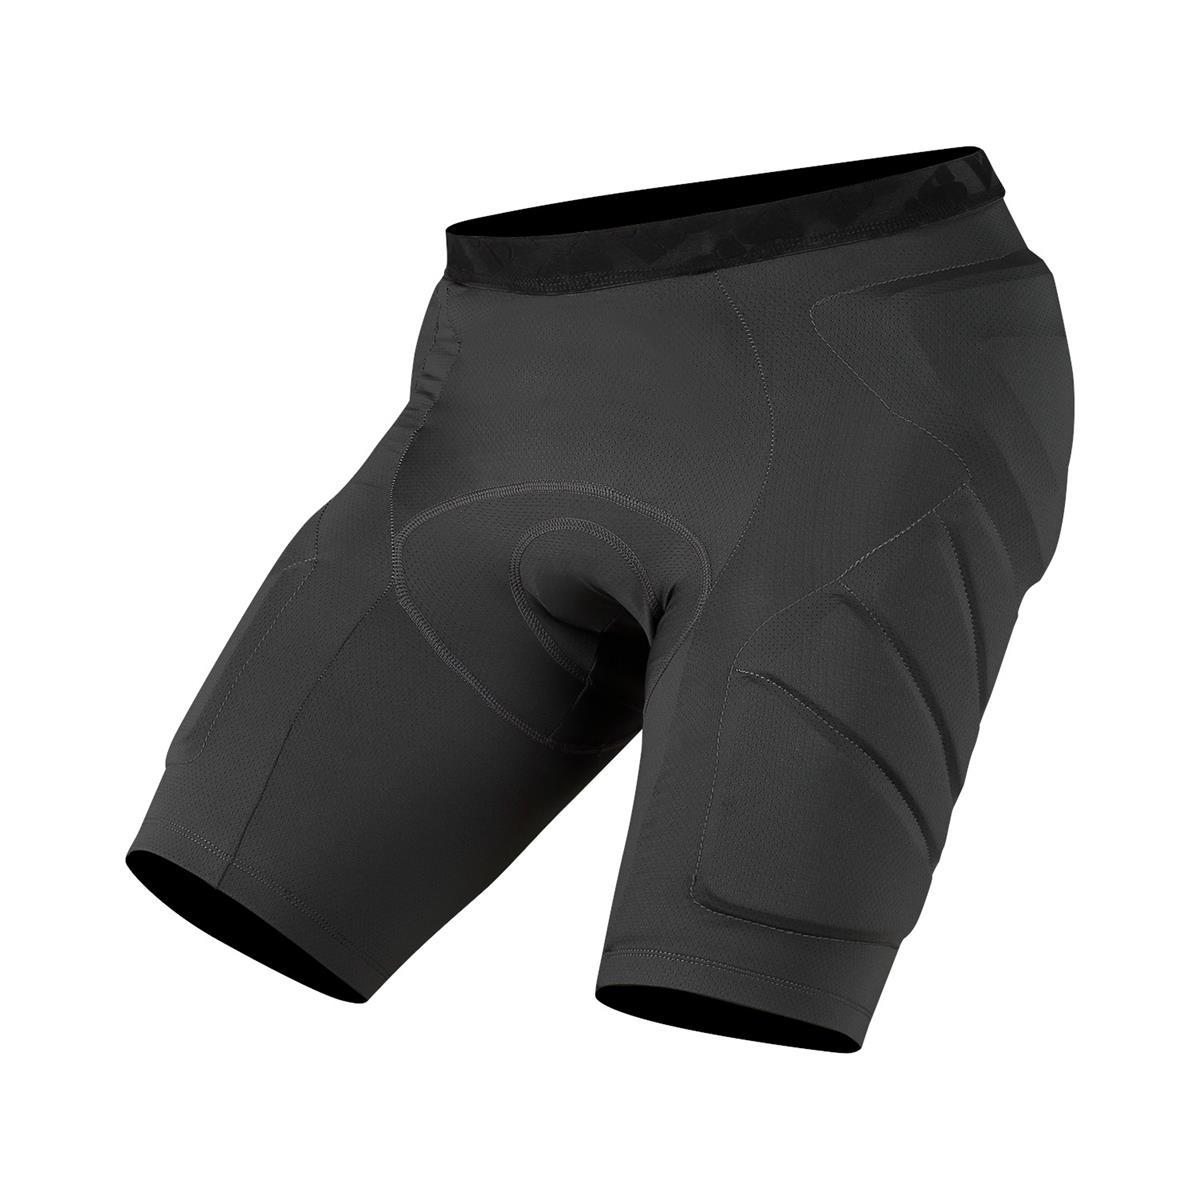 Pantaloncini Intimi Protettivi Trigger Grigio Taglia XS